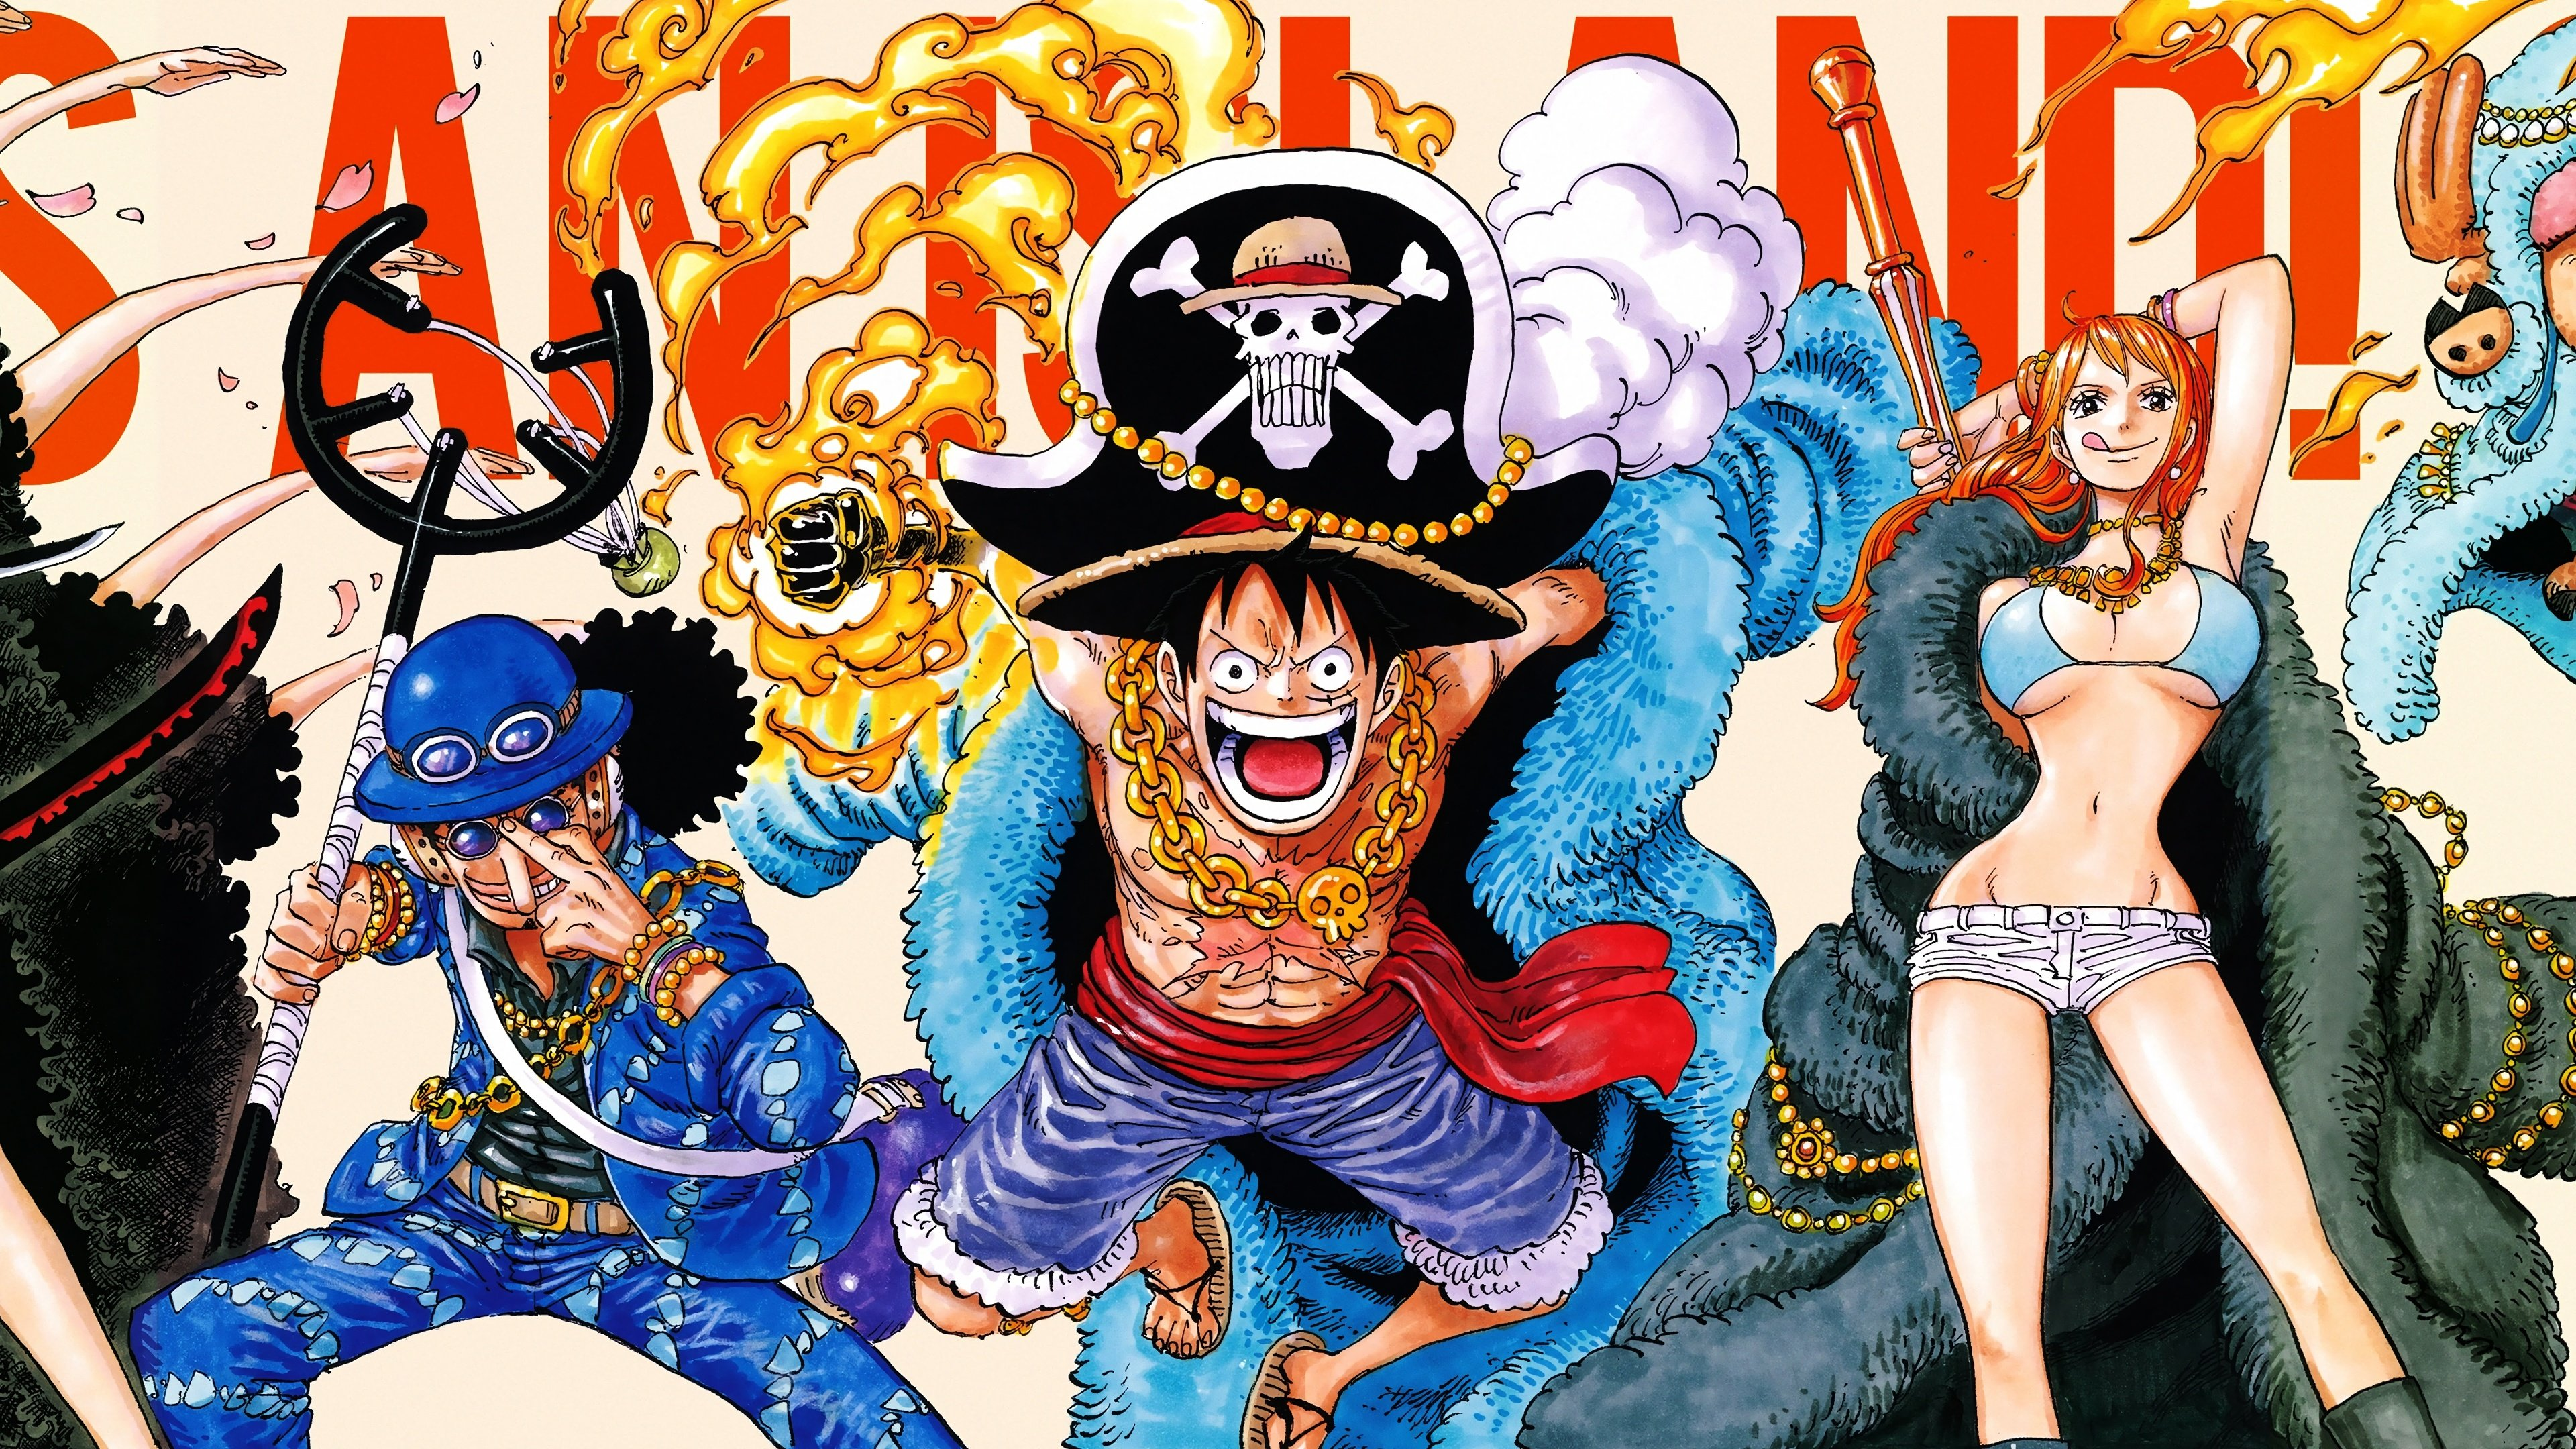 46 Nami One Piece Wallpaper On Wallpapersafari